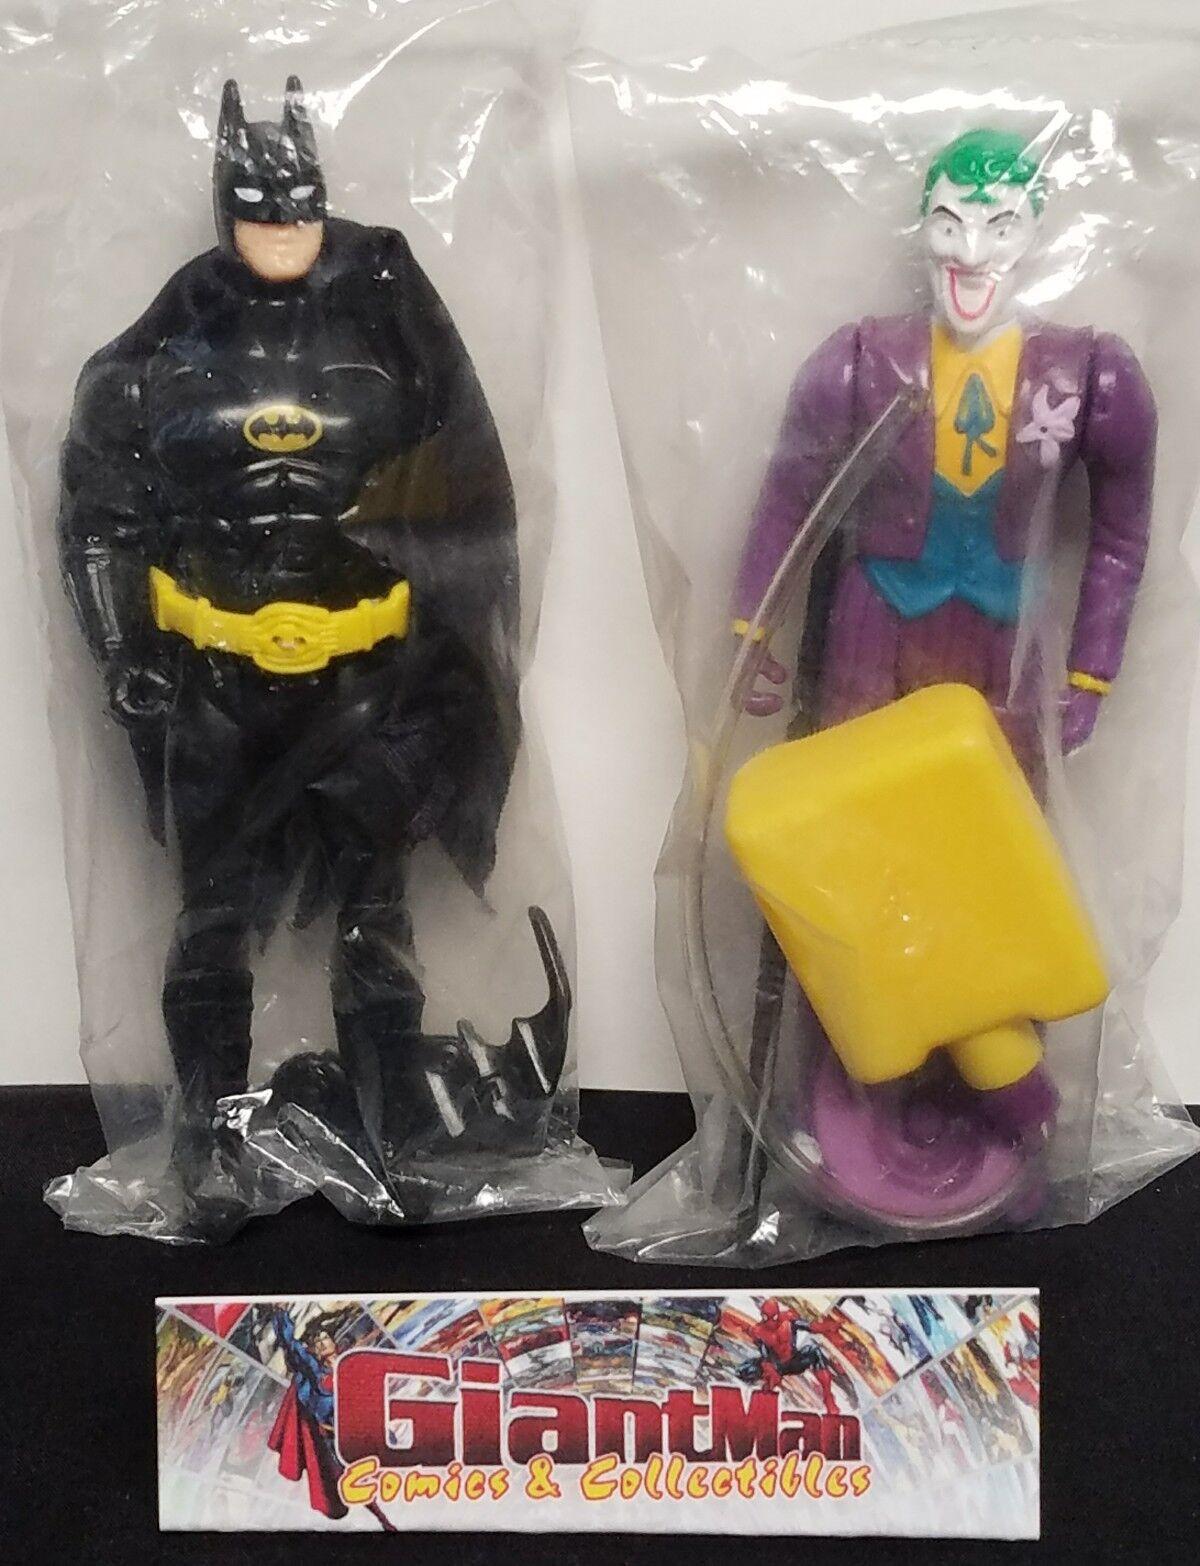 1989 giocattolo Biz -  Batuomo e Joker azione cifra - Rare Sealed JC Penney Exclusive  spedizione gratuita in tutto il mondo